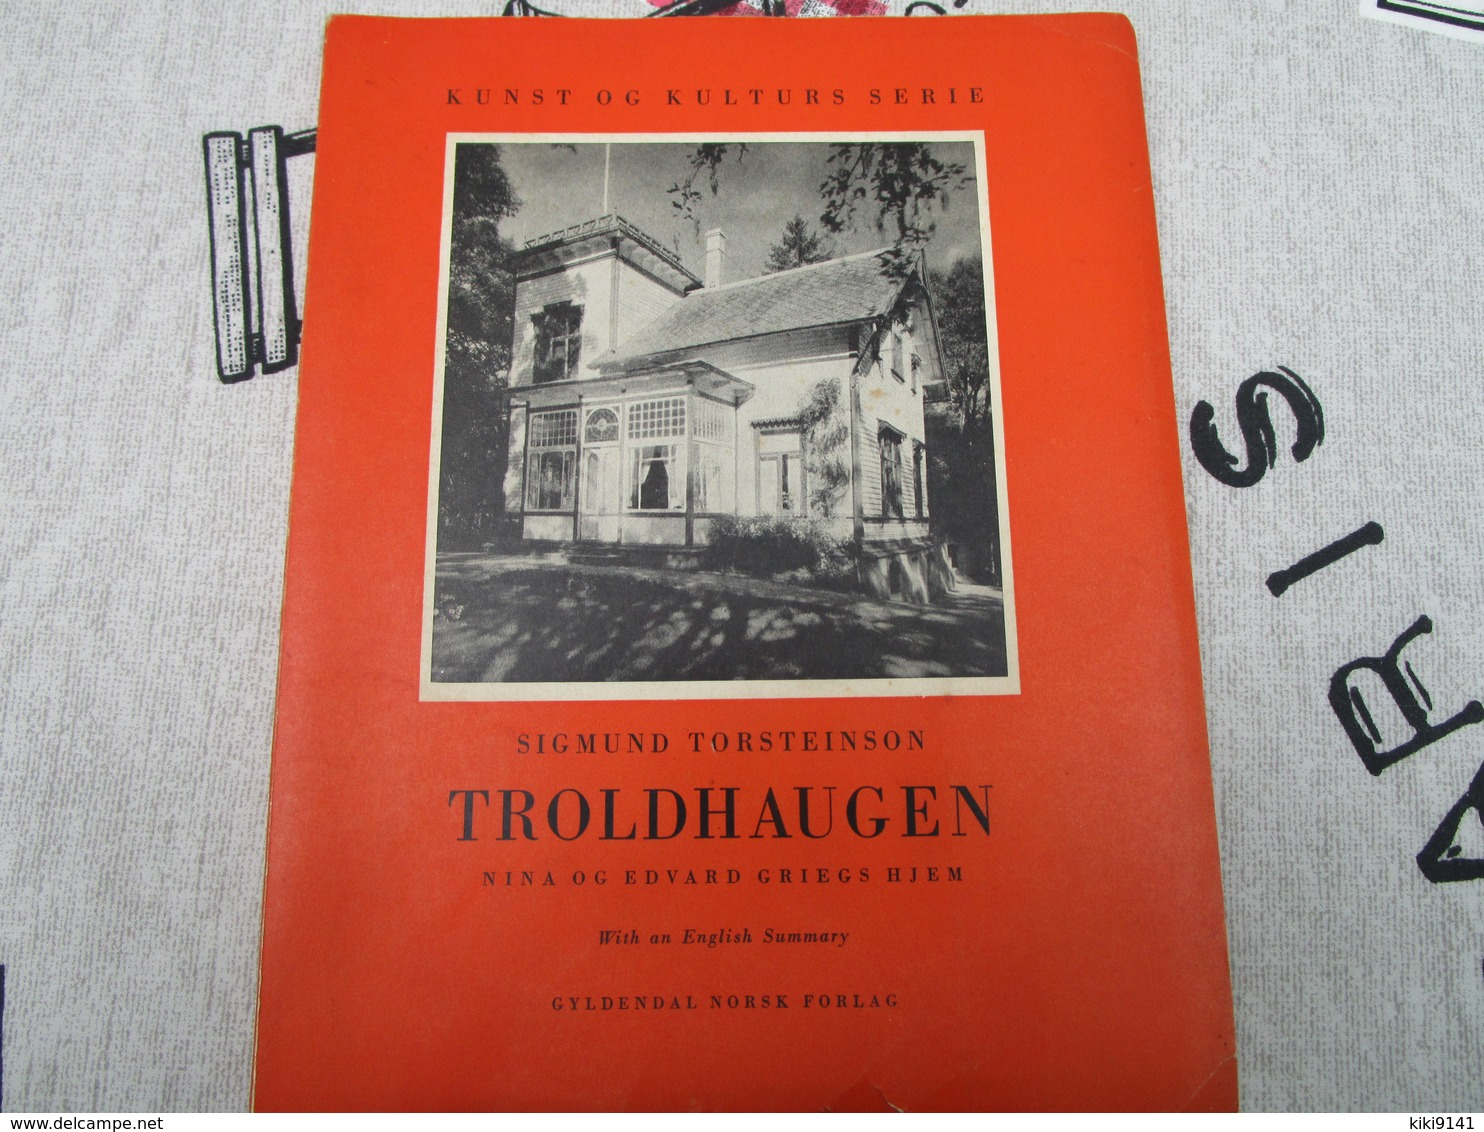 TROLDHAUGEN De Sigmund TORSTEINSON (96 Pages) Dédicacée Par L'Auteur - Scandinavian Languages